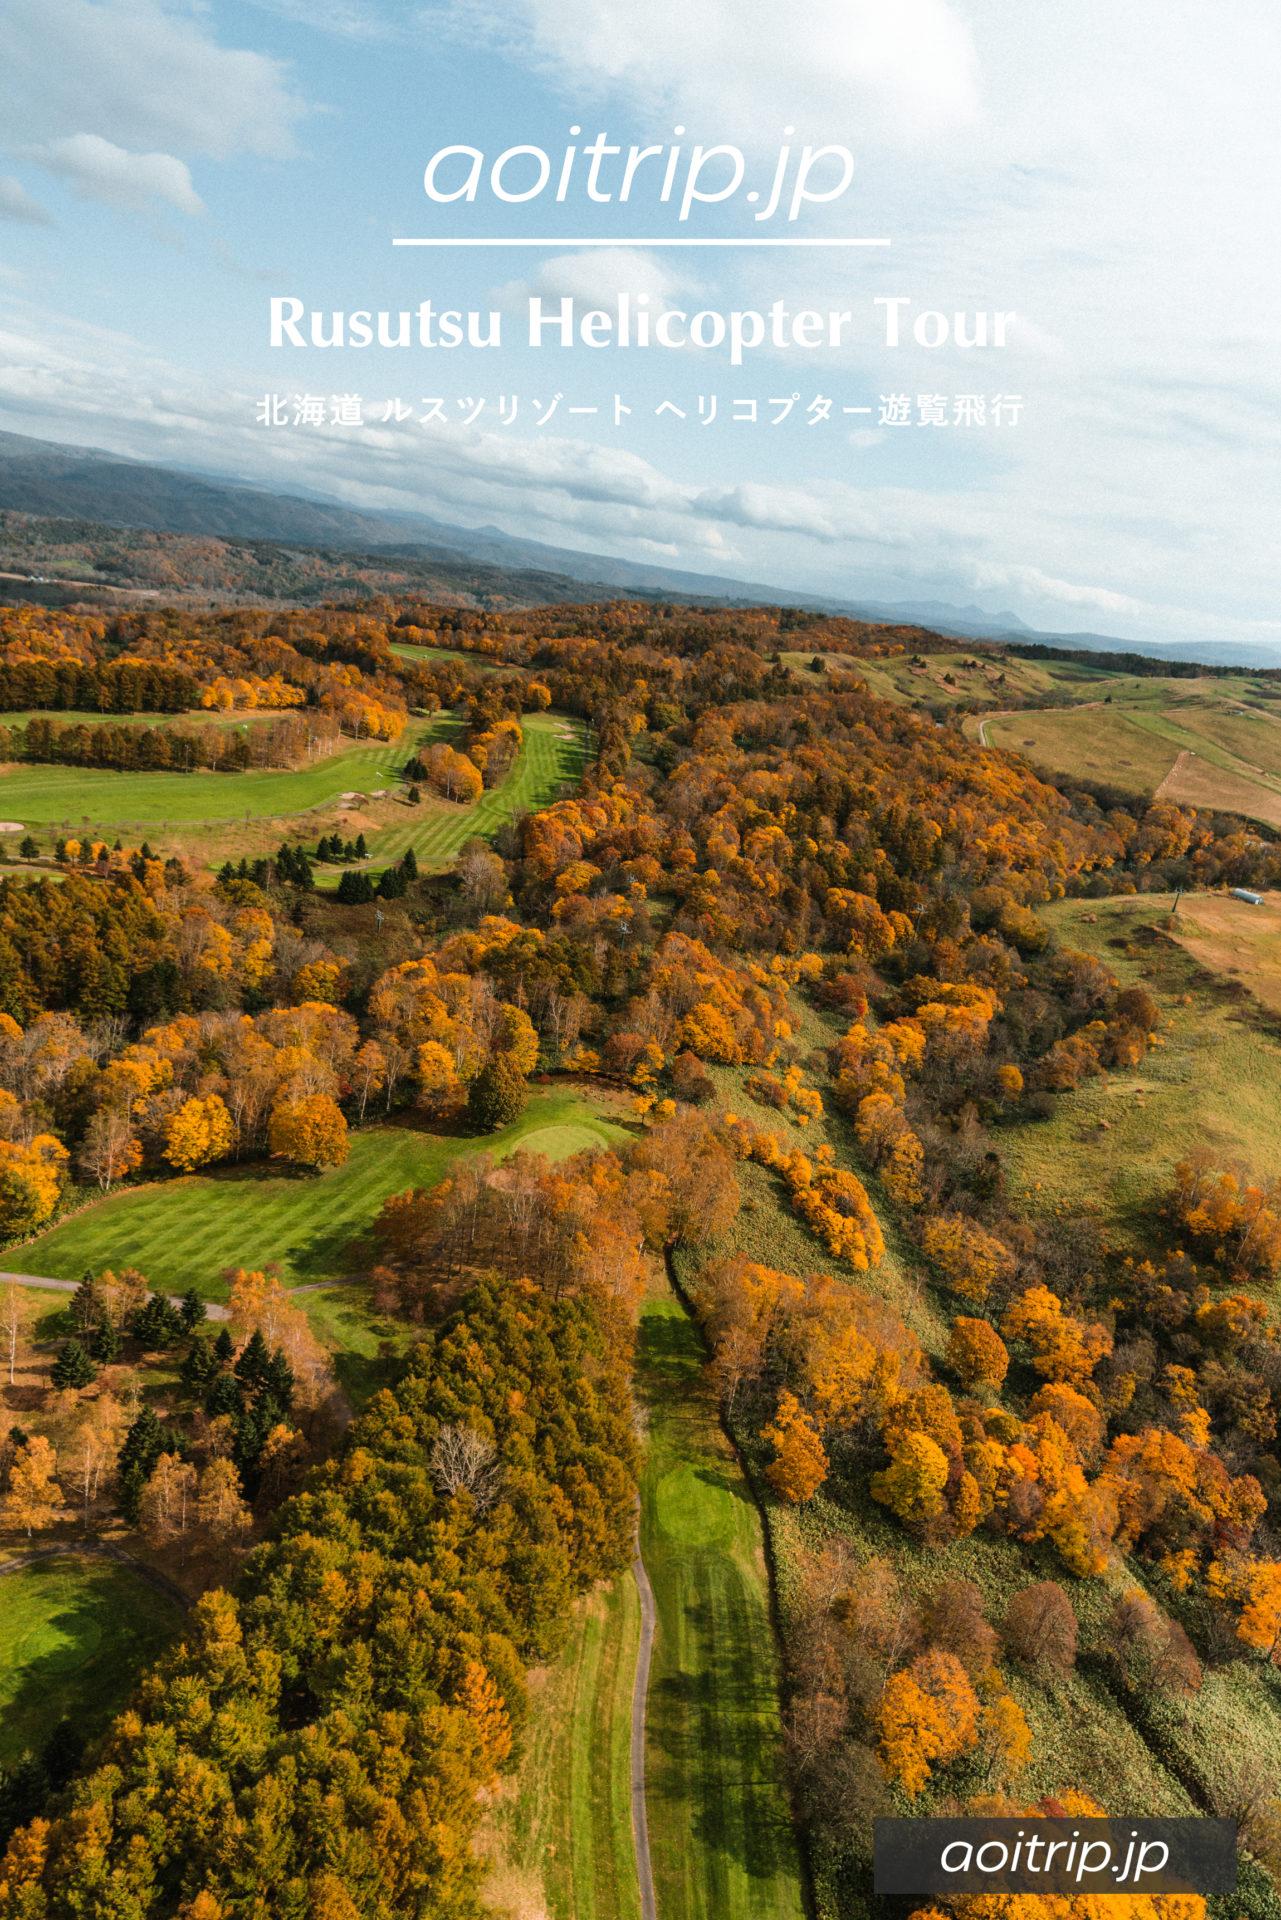 北海道ルスツのヘリコプター遊覧飛行 鳥瞰で紅葉観賞、空の旅